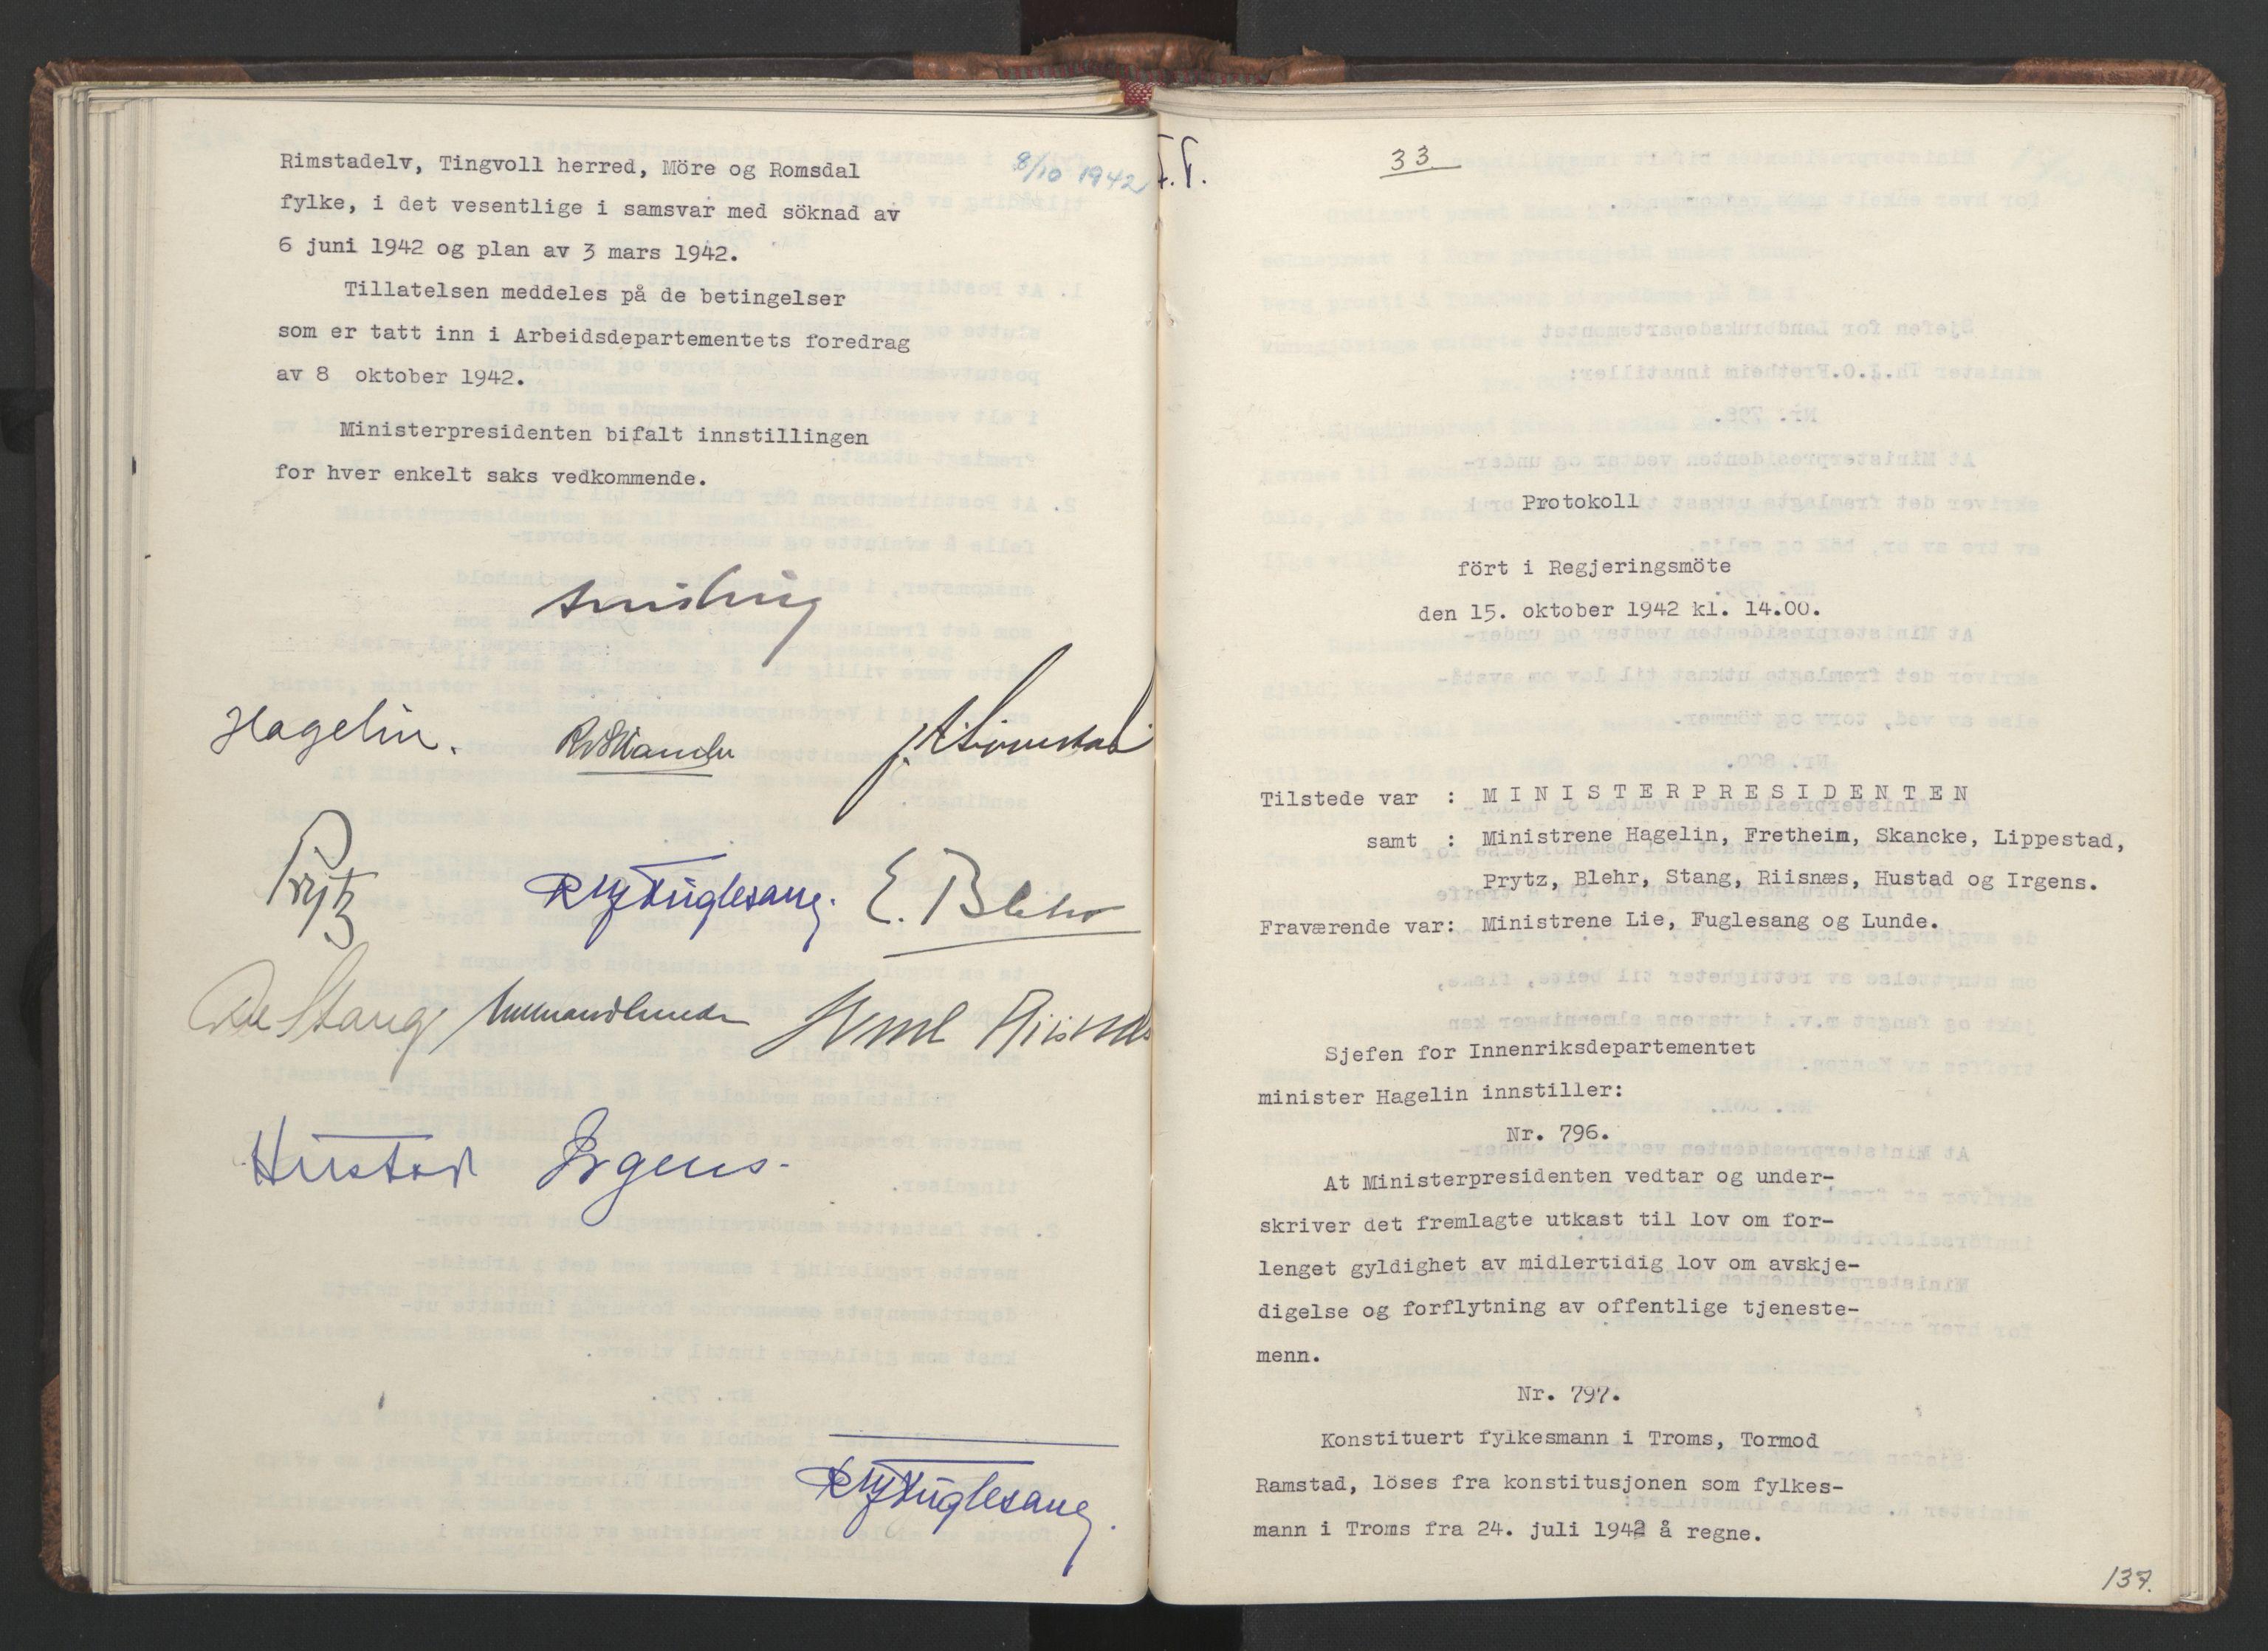 RA, NS-administrasjonen 1940-1945 (Statsrådsekretariatet, de kommisariske statsråder mm), D/Da/L0001: Beslutninger og tillegg (1-952 og 1-32), 1942, s. 136b-137a